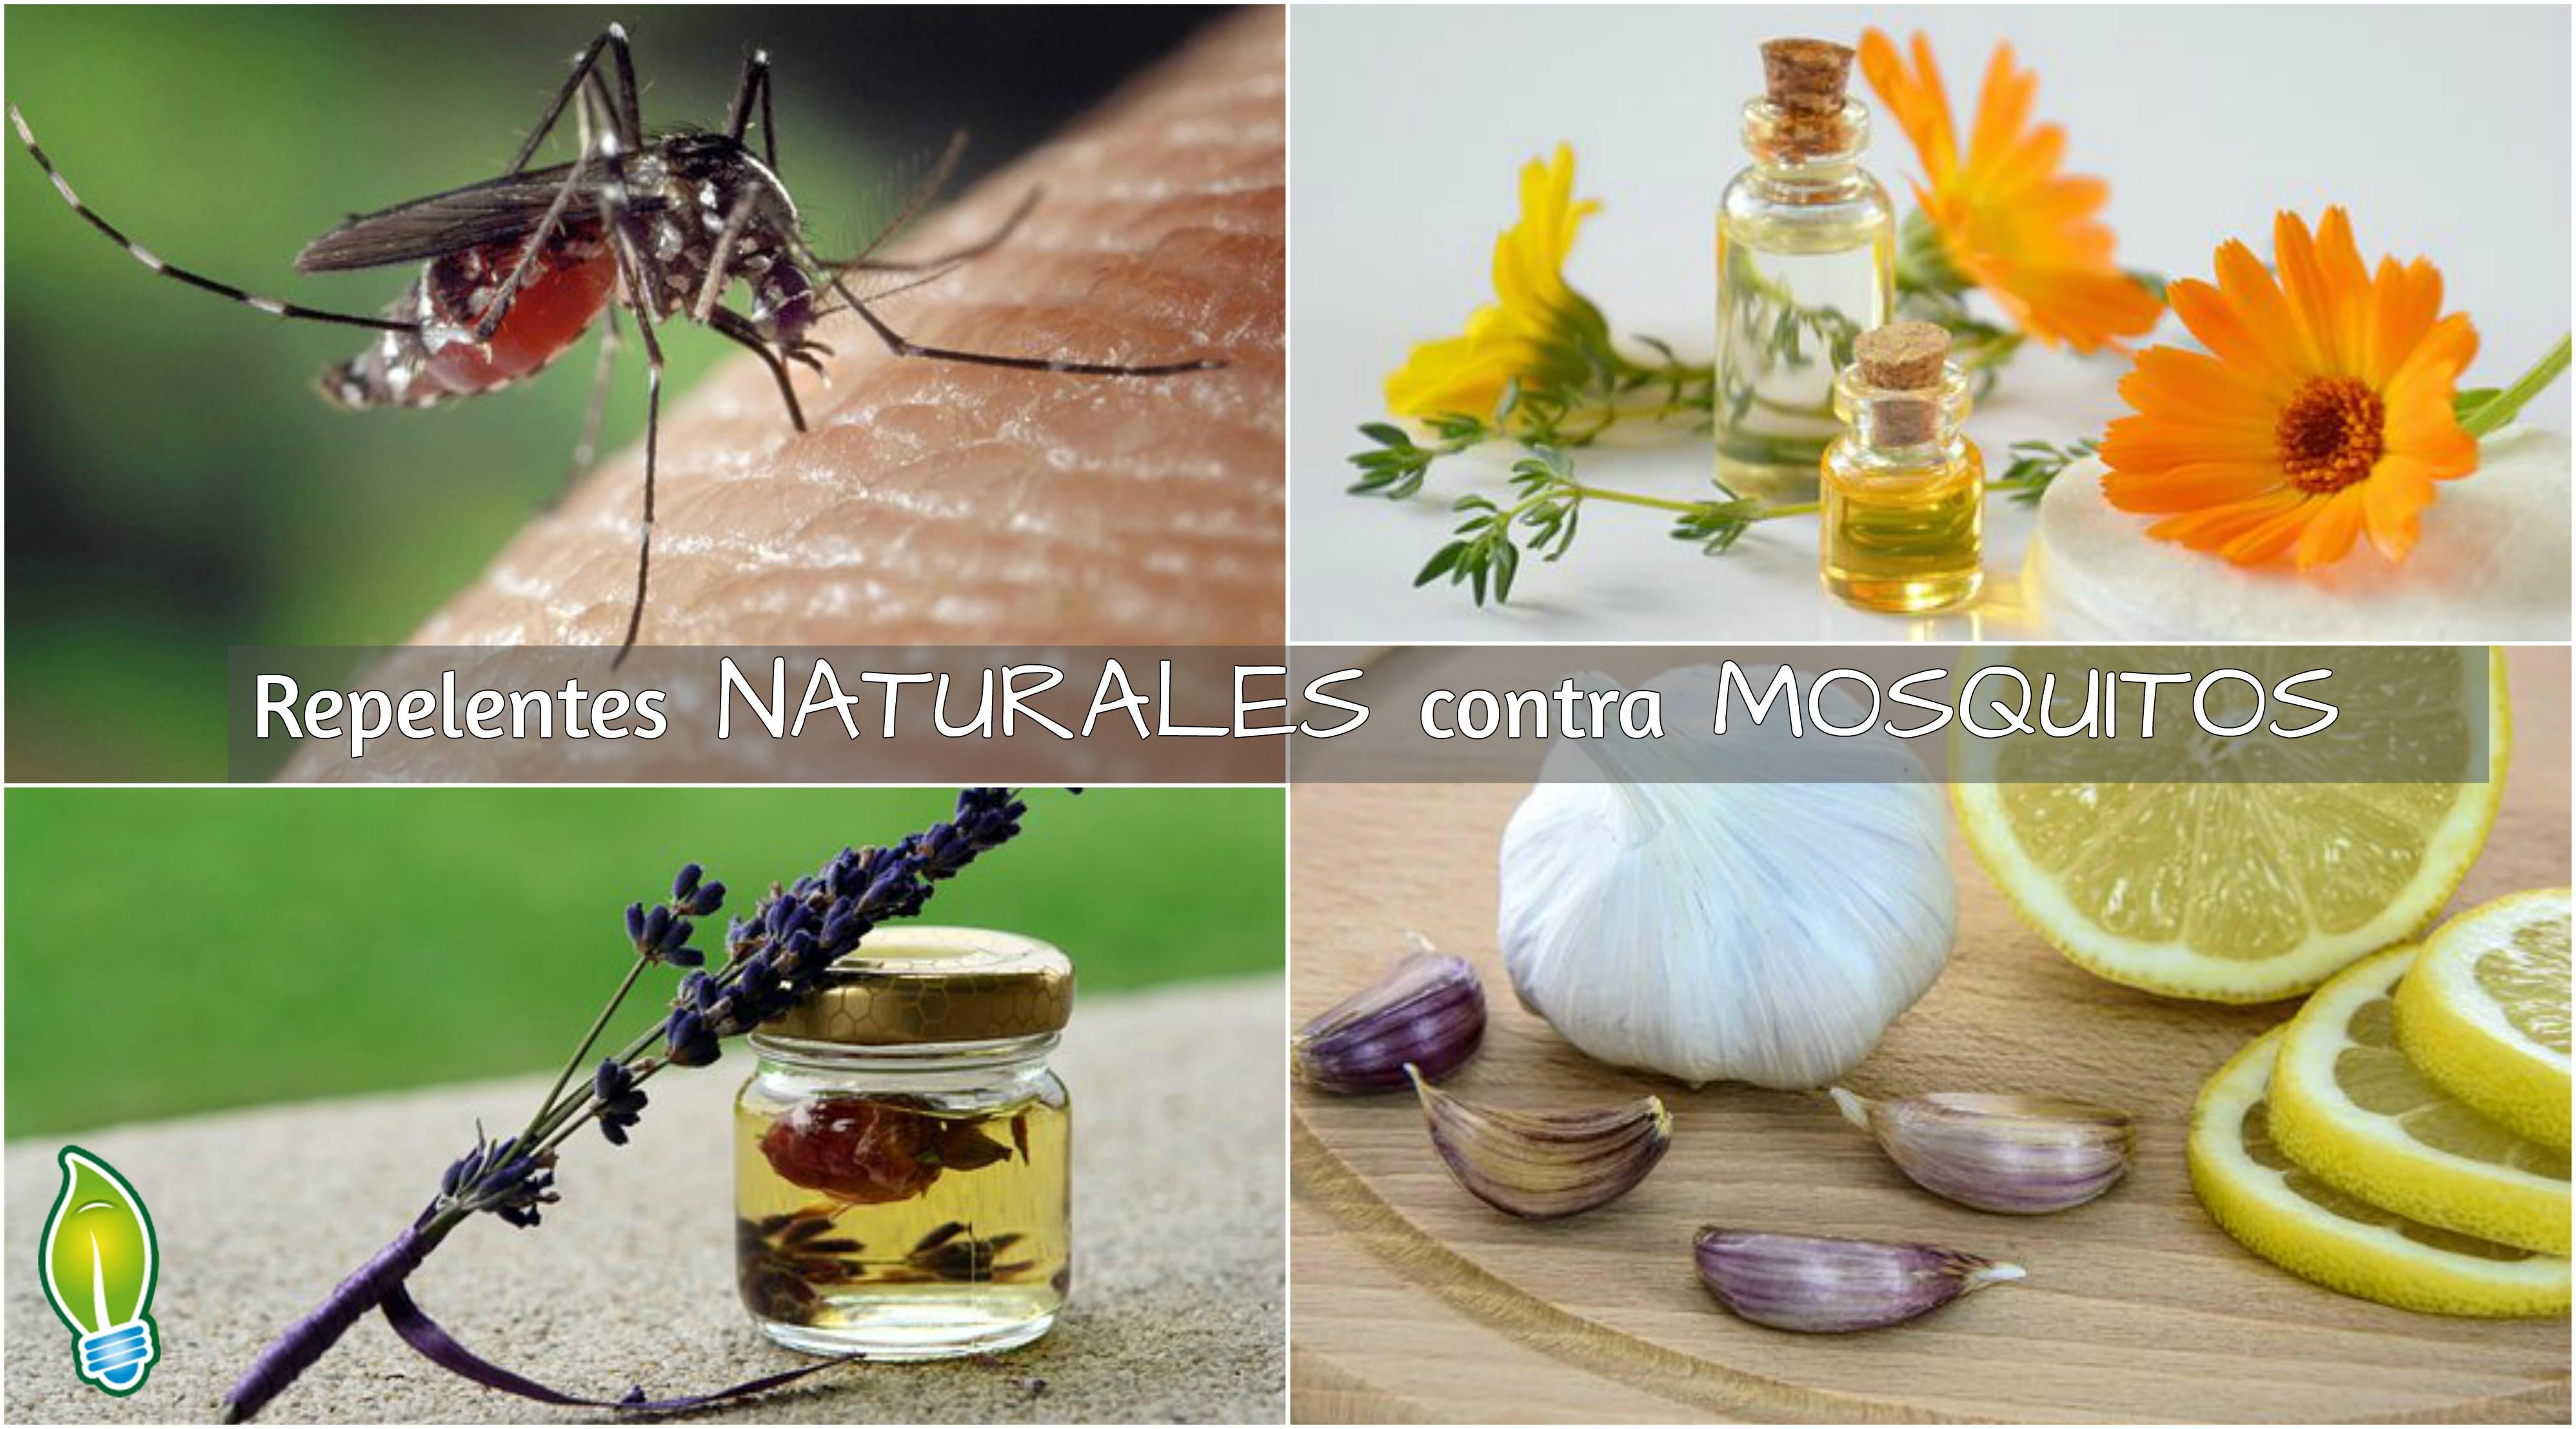 Repelentes Naturales Contra Mosquitos Sustentartv